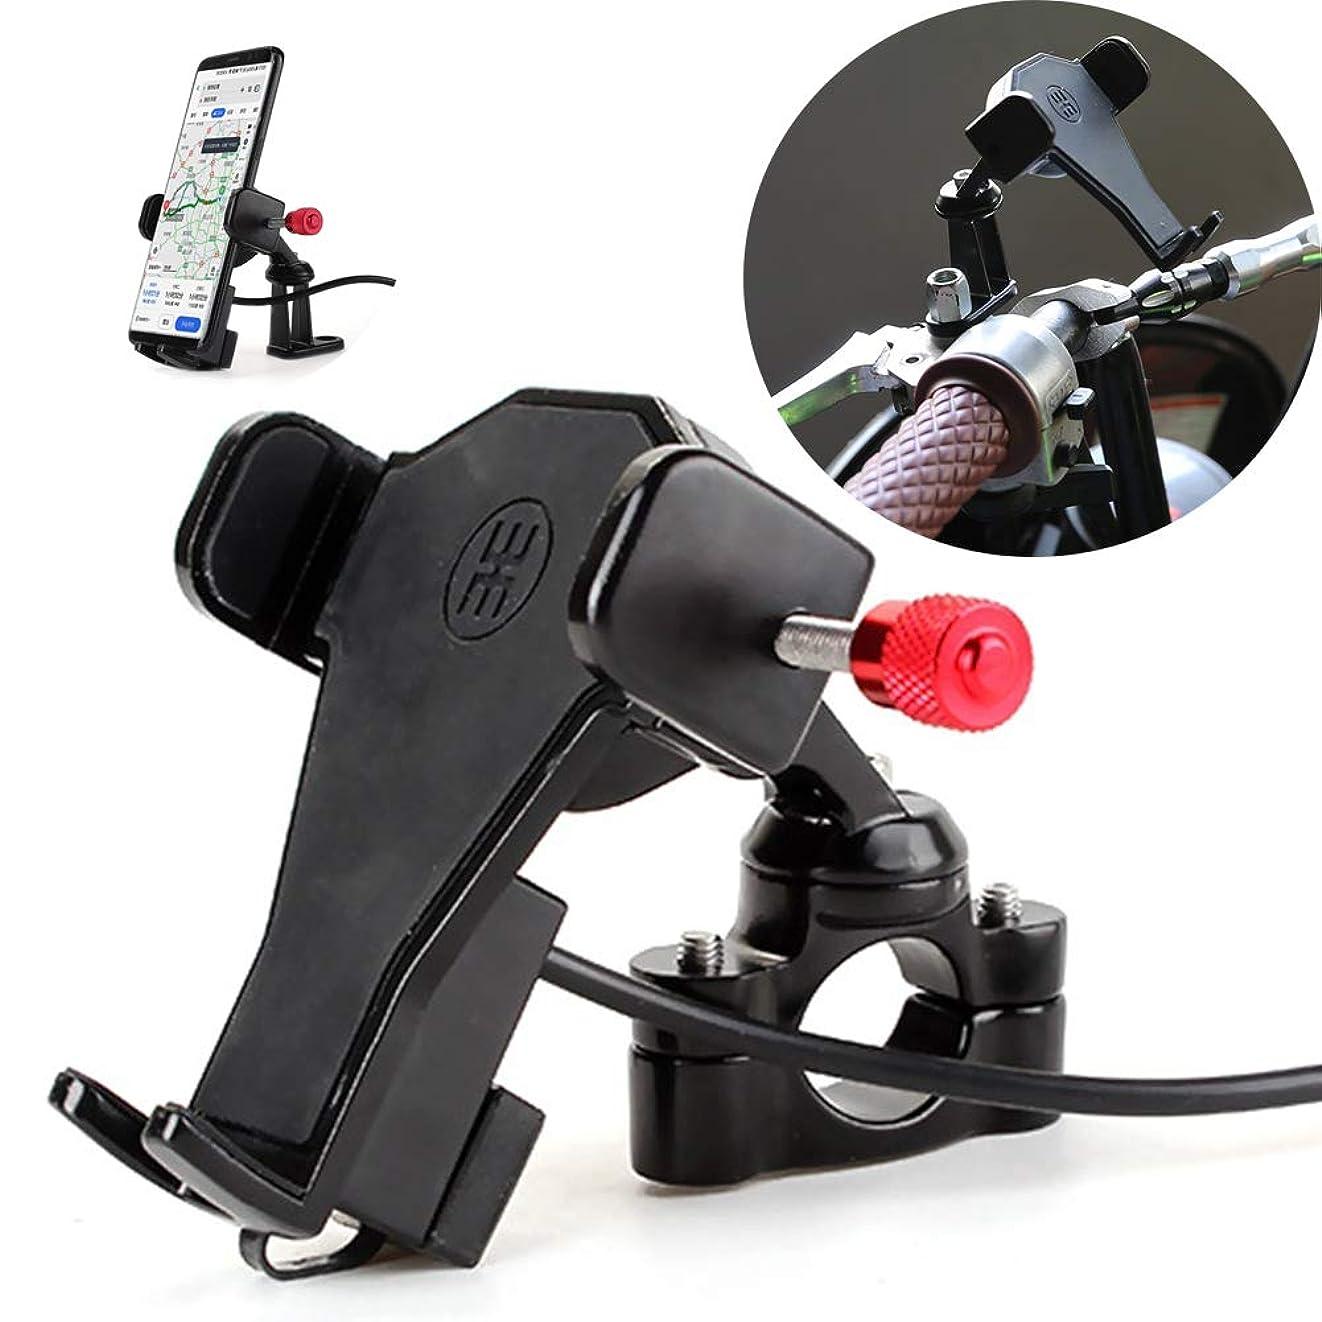 米国大事にする発行する自転車オートバイ携帯電話マウントホルダー - USB充電器付き360度回転、3.5-6.6インチ電話に適しています、あらゆるスマートフォンGPS用 - ユニバーサルマウンテンロードバイクオートバイ